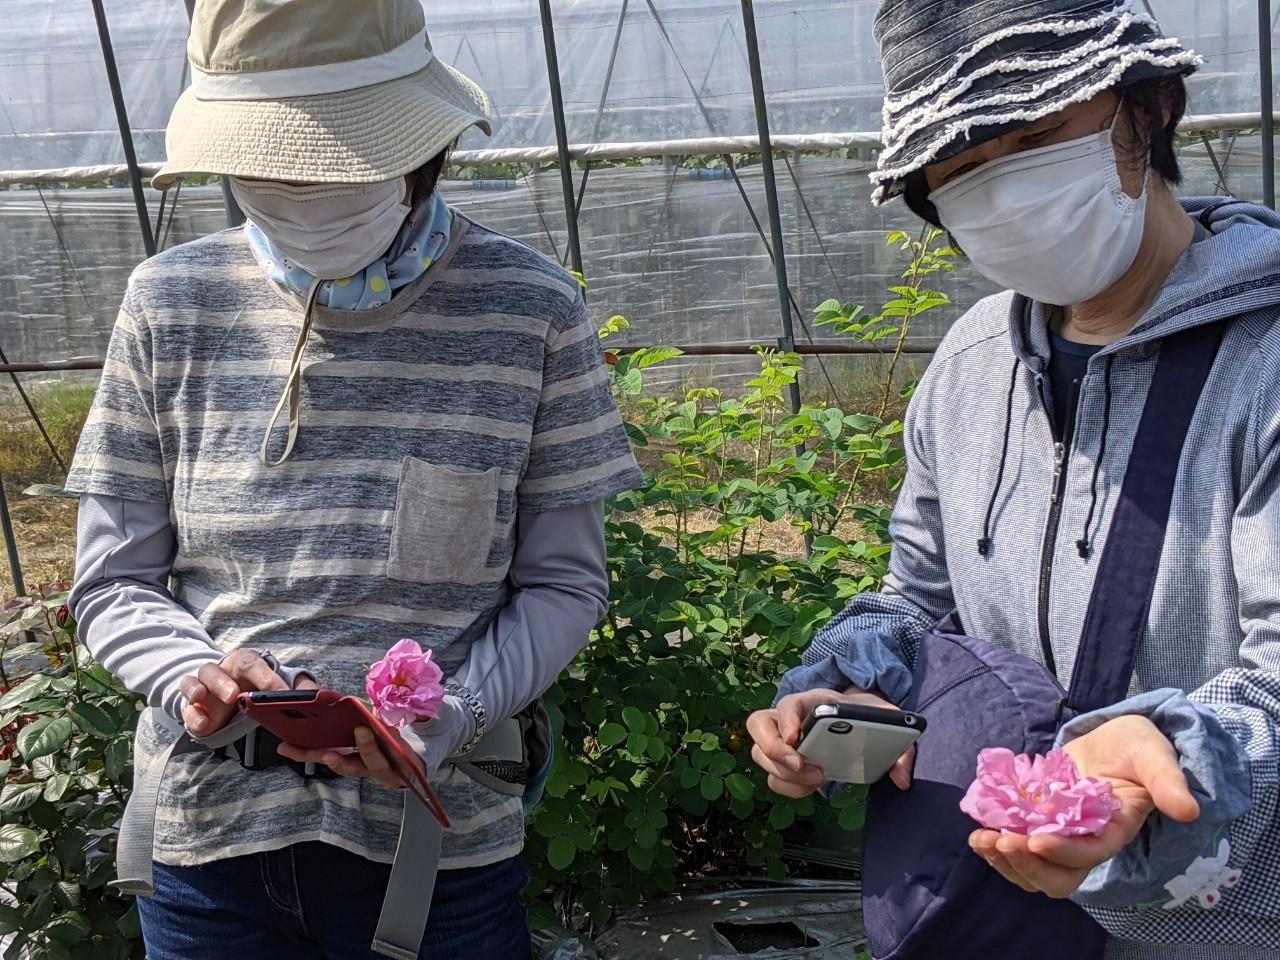 バラの摘み取り&蒸留&クラフト体験レポート